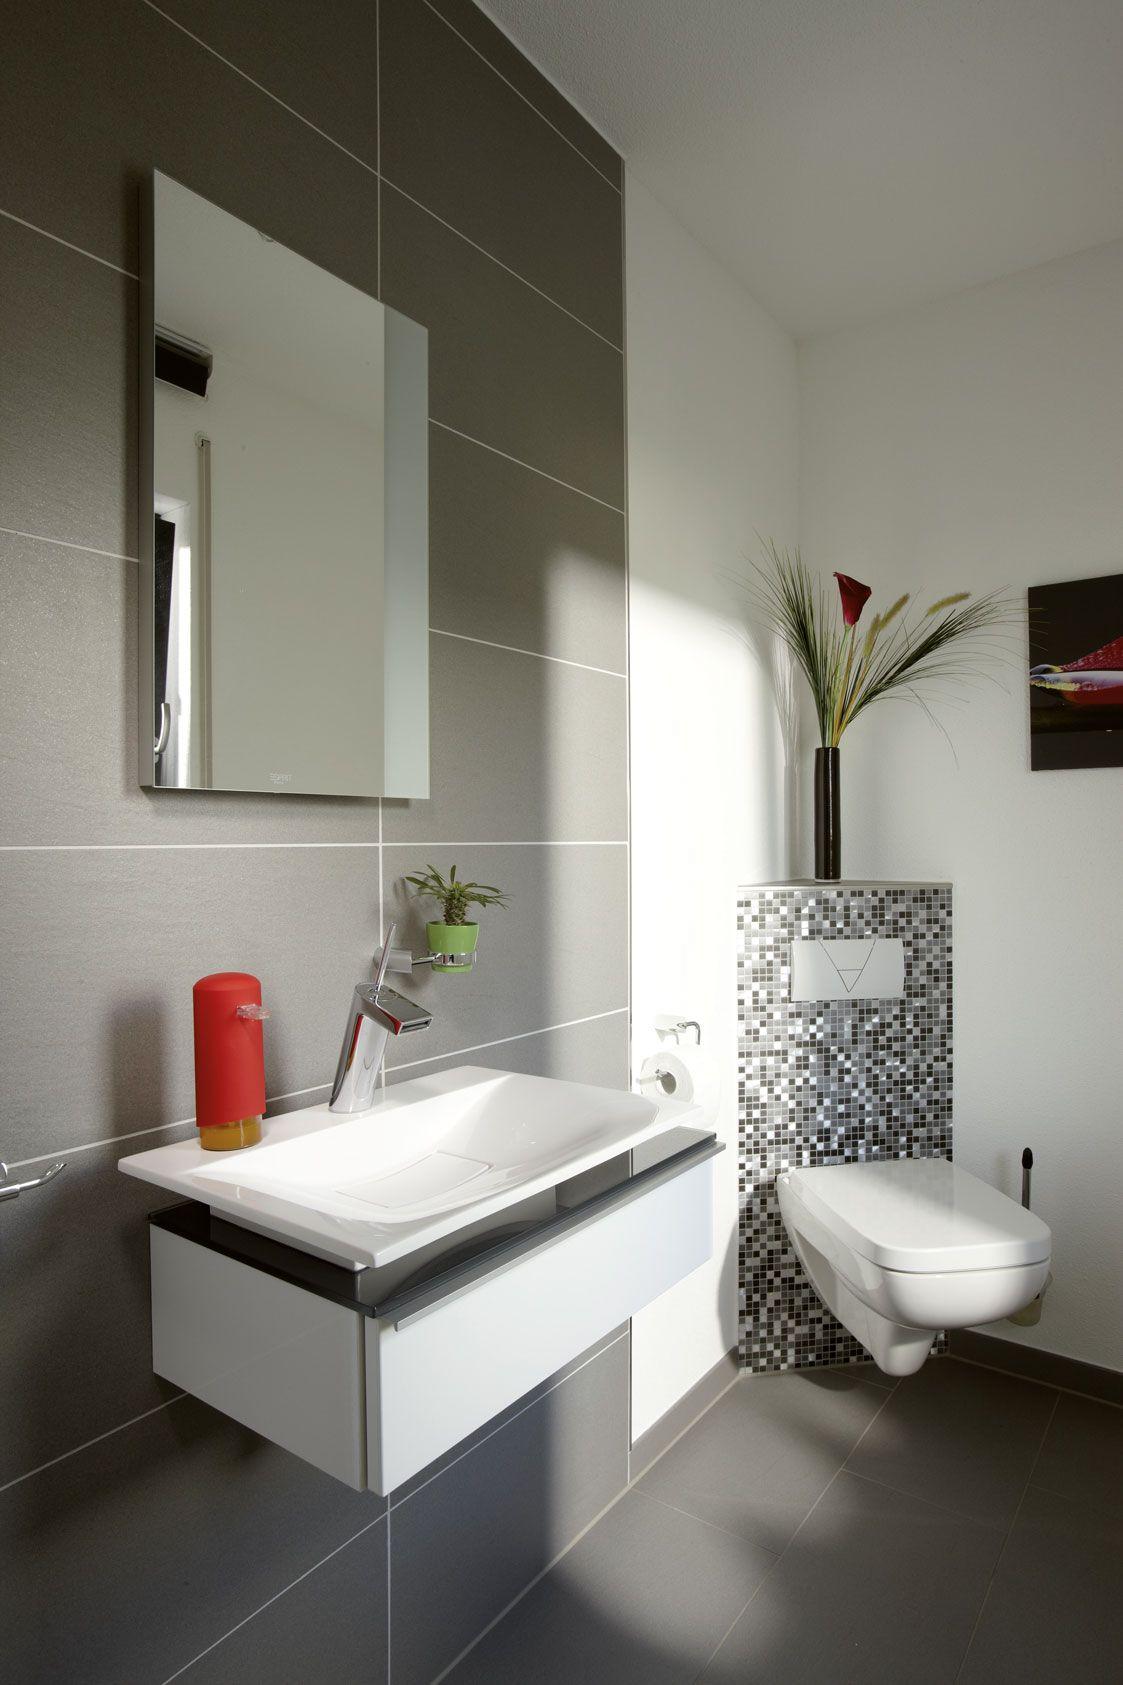 Elegantes Bad mit eingearbeiteten Mosaikfliesen